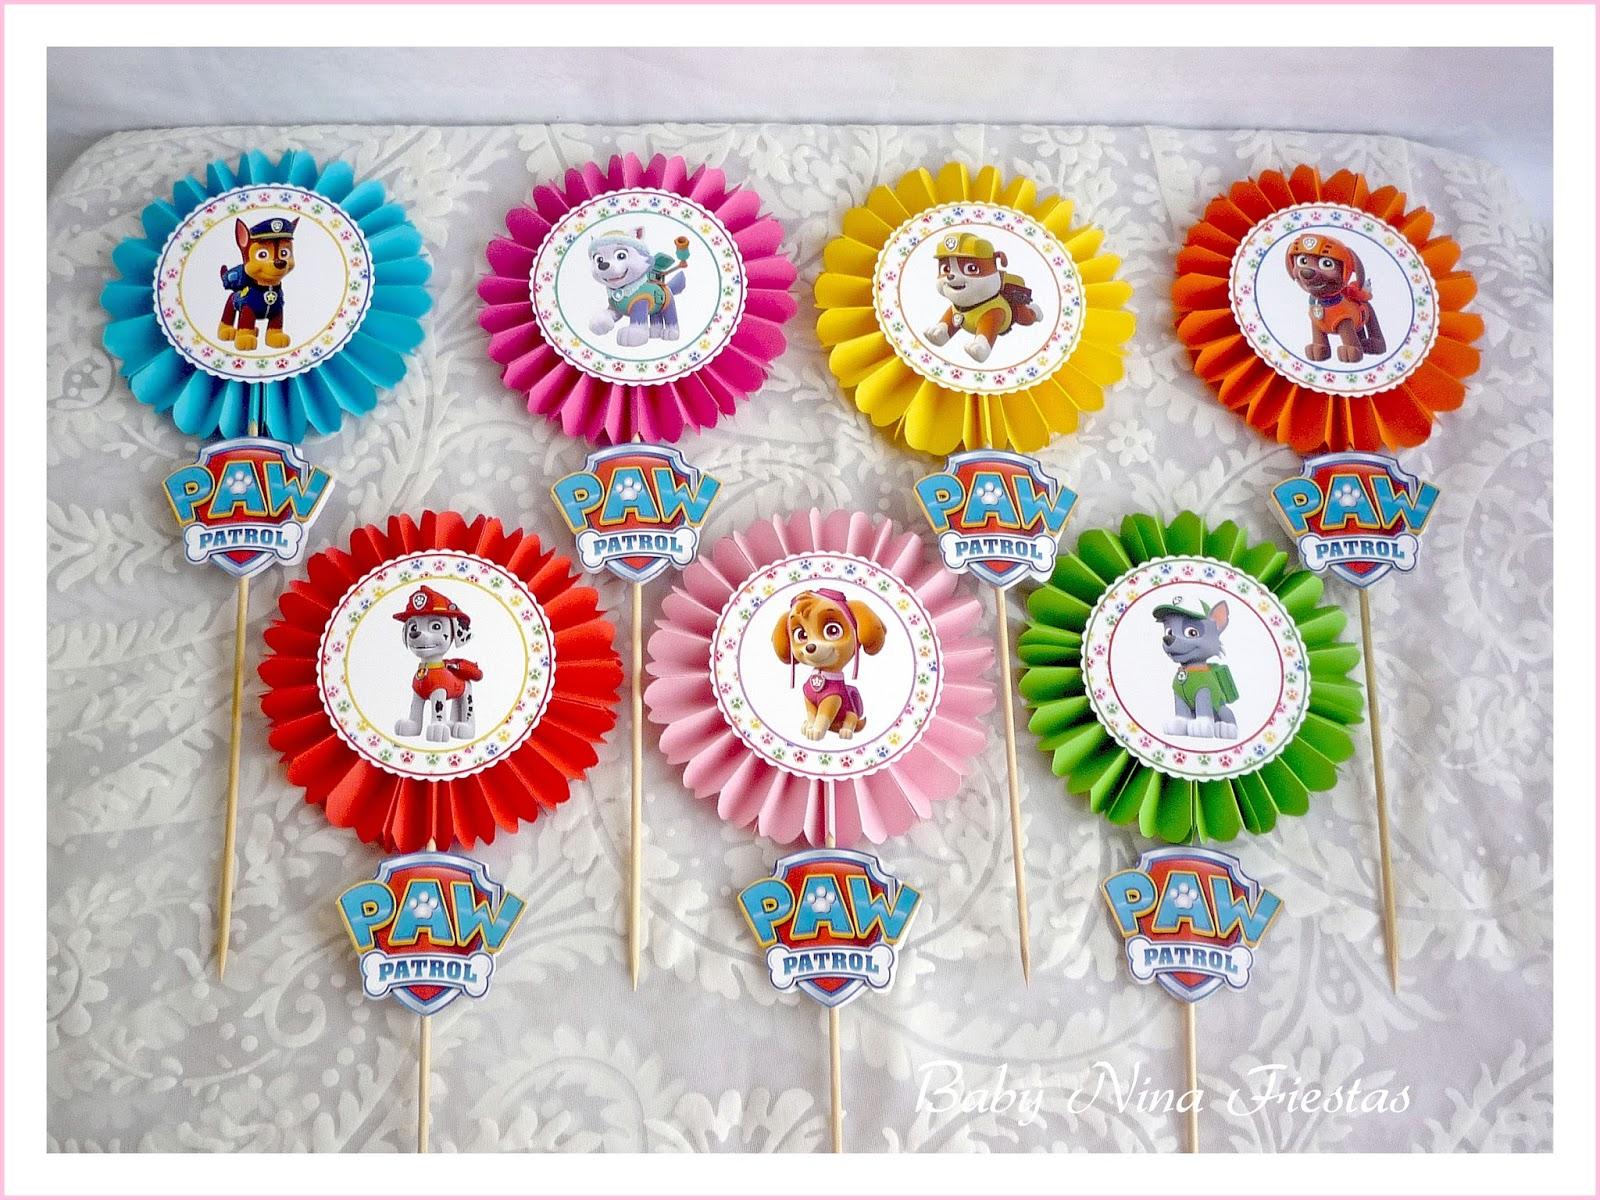 Baby nina fiestas kit cumplea os patrulla canina para sofia - Cumpleanos patrulla canina ...